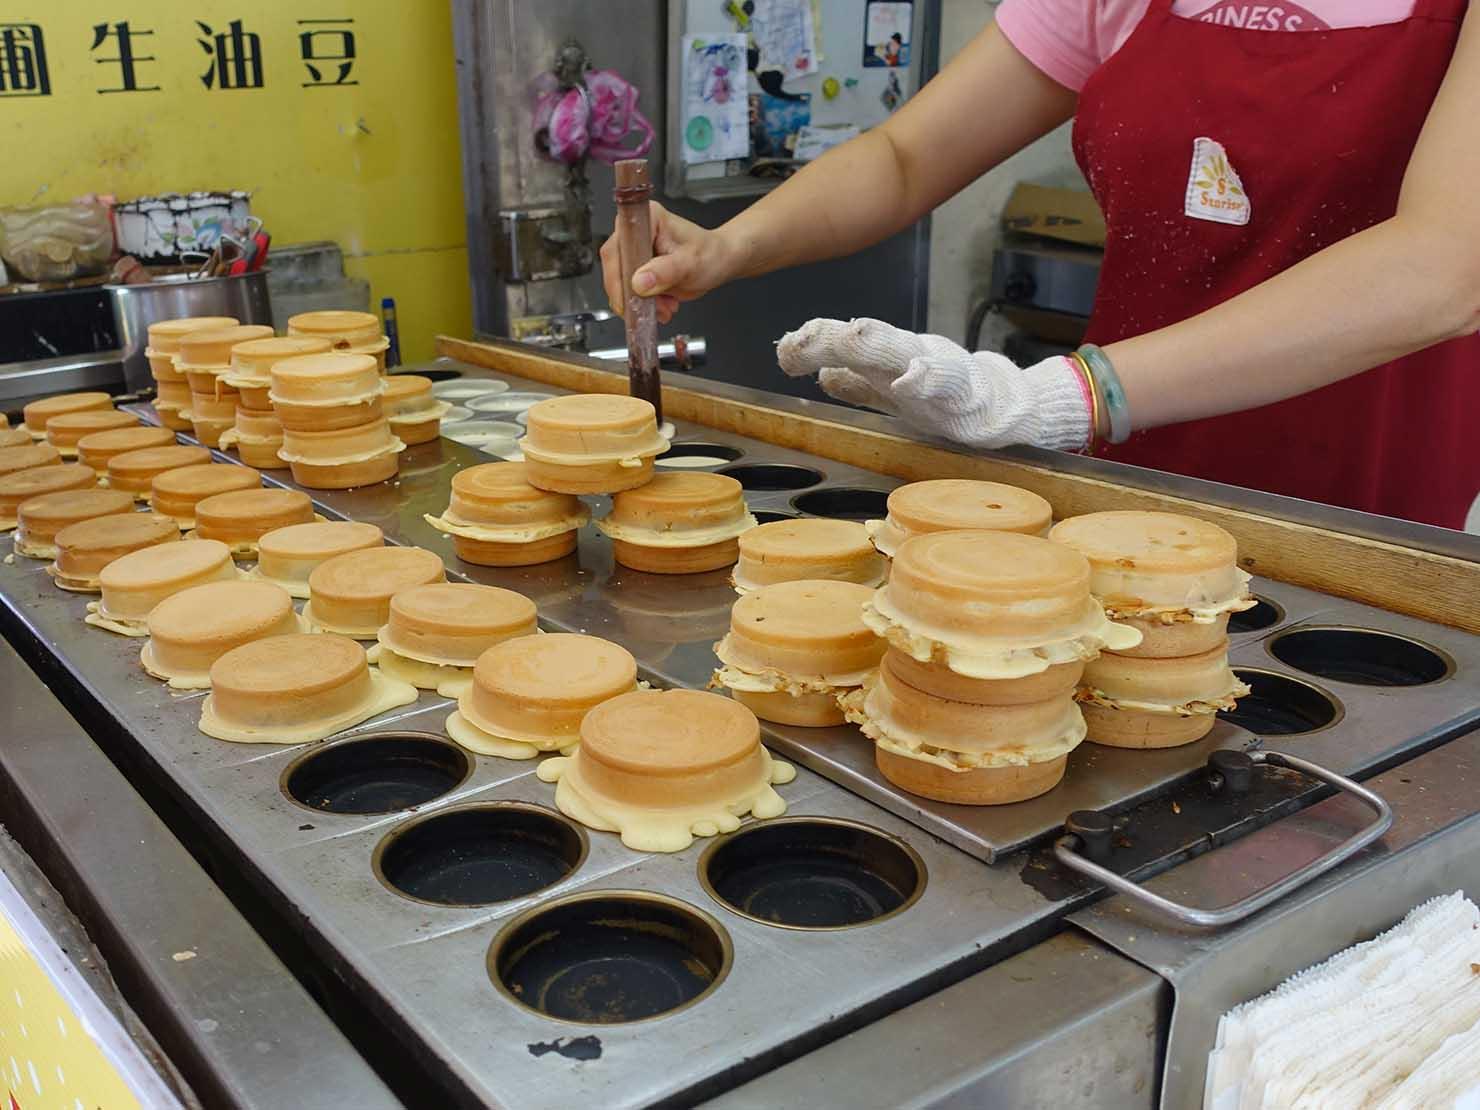 台北・忠孝新生駅周辺のおすすめグルメ店「光華紅豆餅」の店頭で焼き上げられた紅豆餅たち